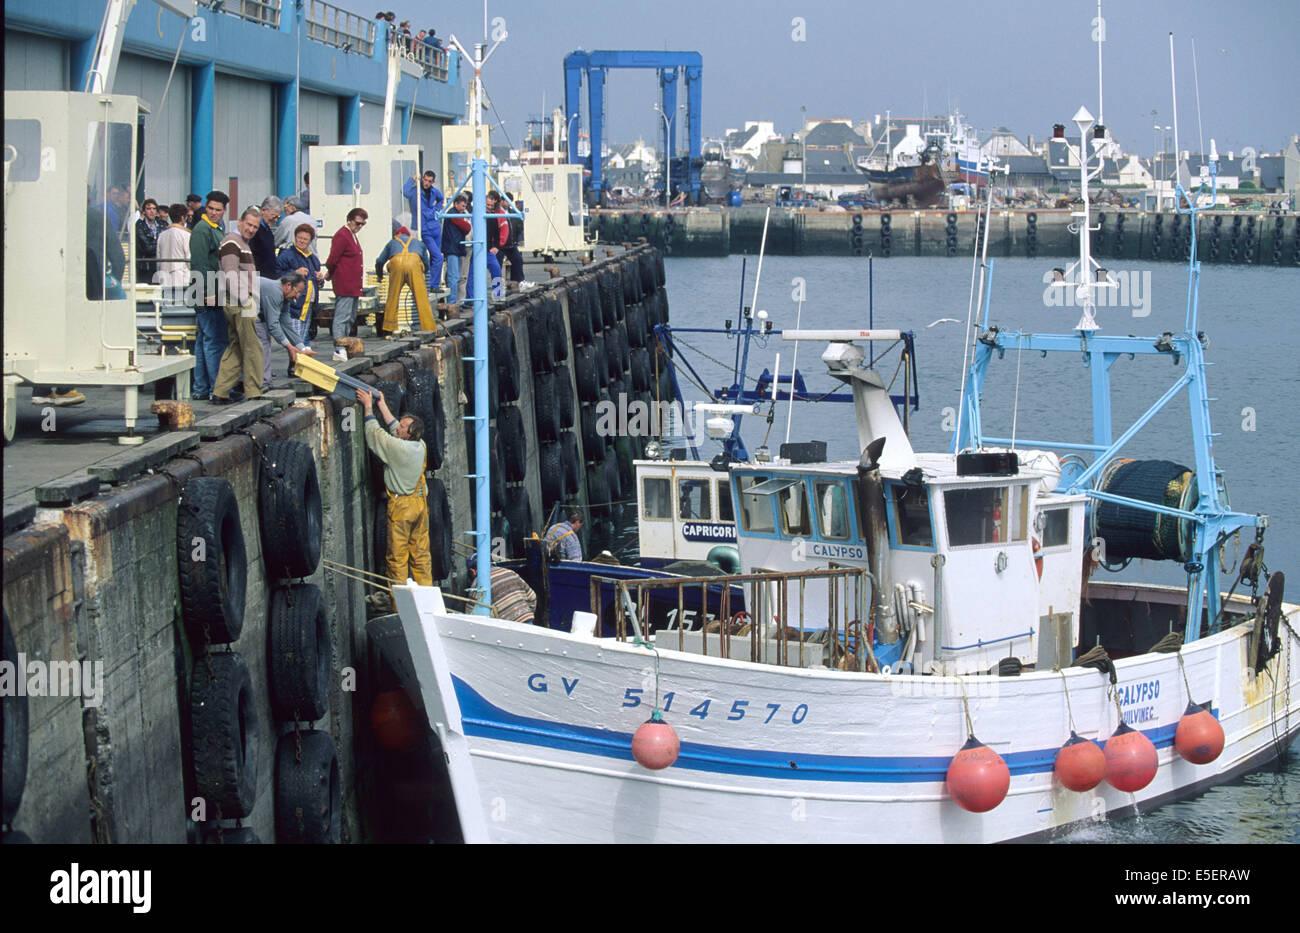 France, Bretagne, finistere sud, pays bigouden, le guilvinec, port de peche, retour de pechehalle a maree, criee, Stock Photo